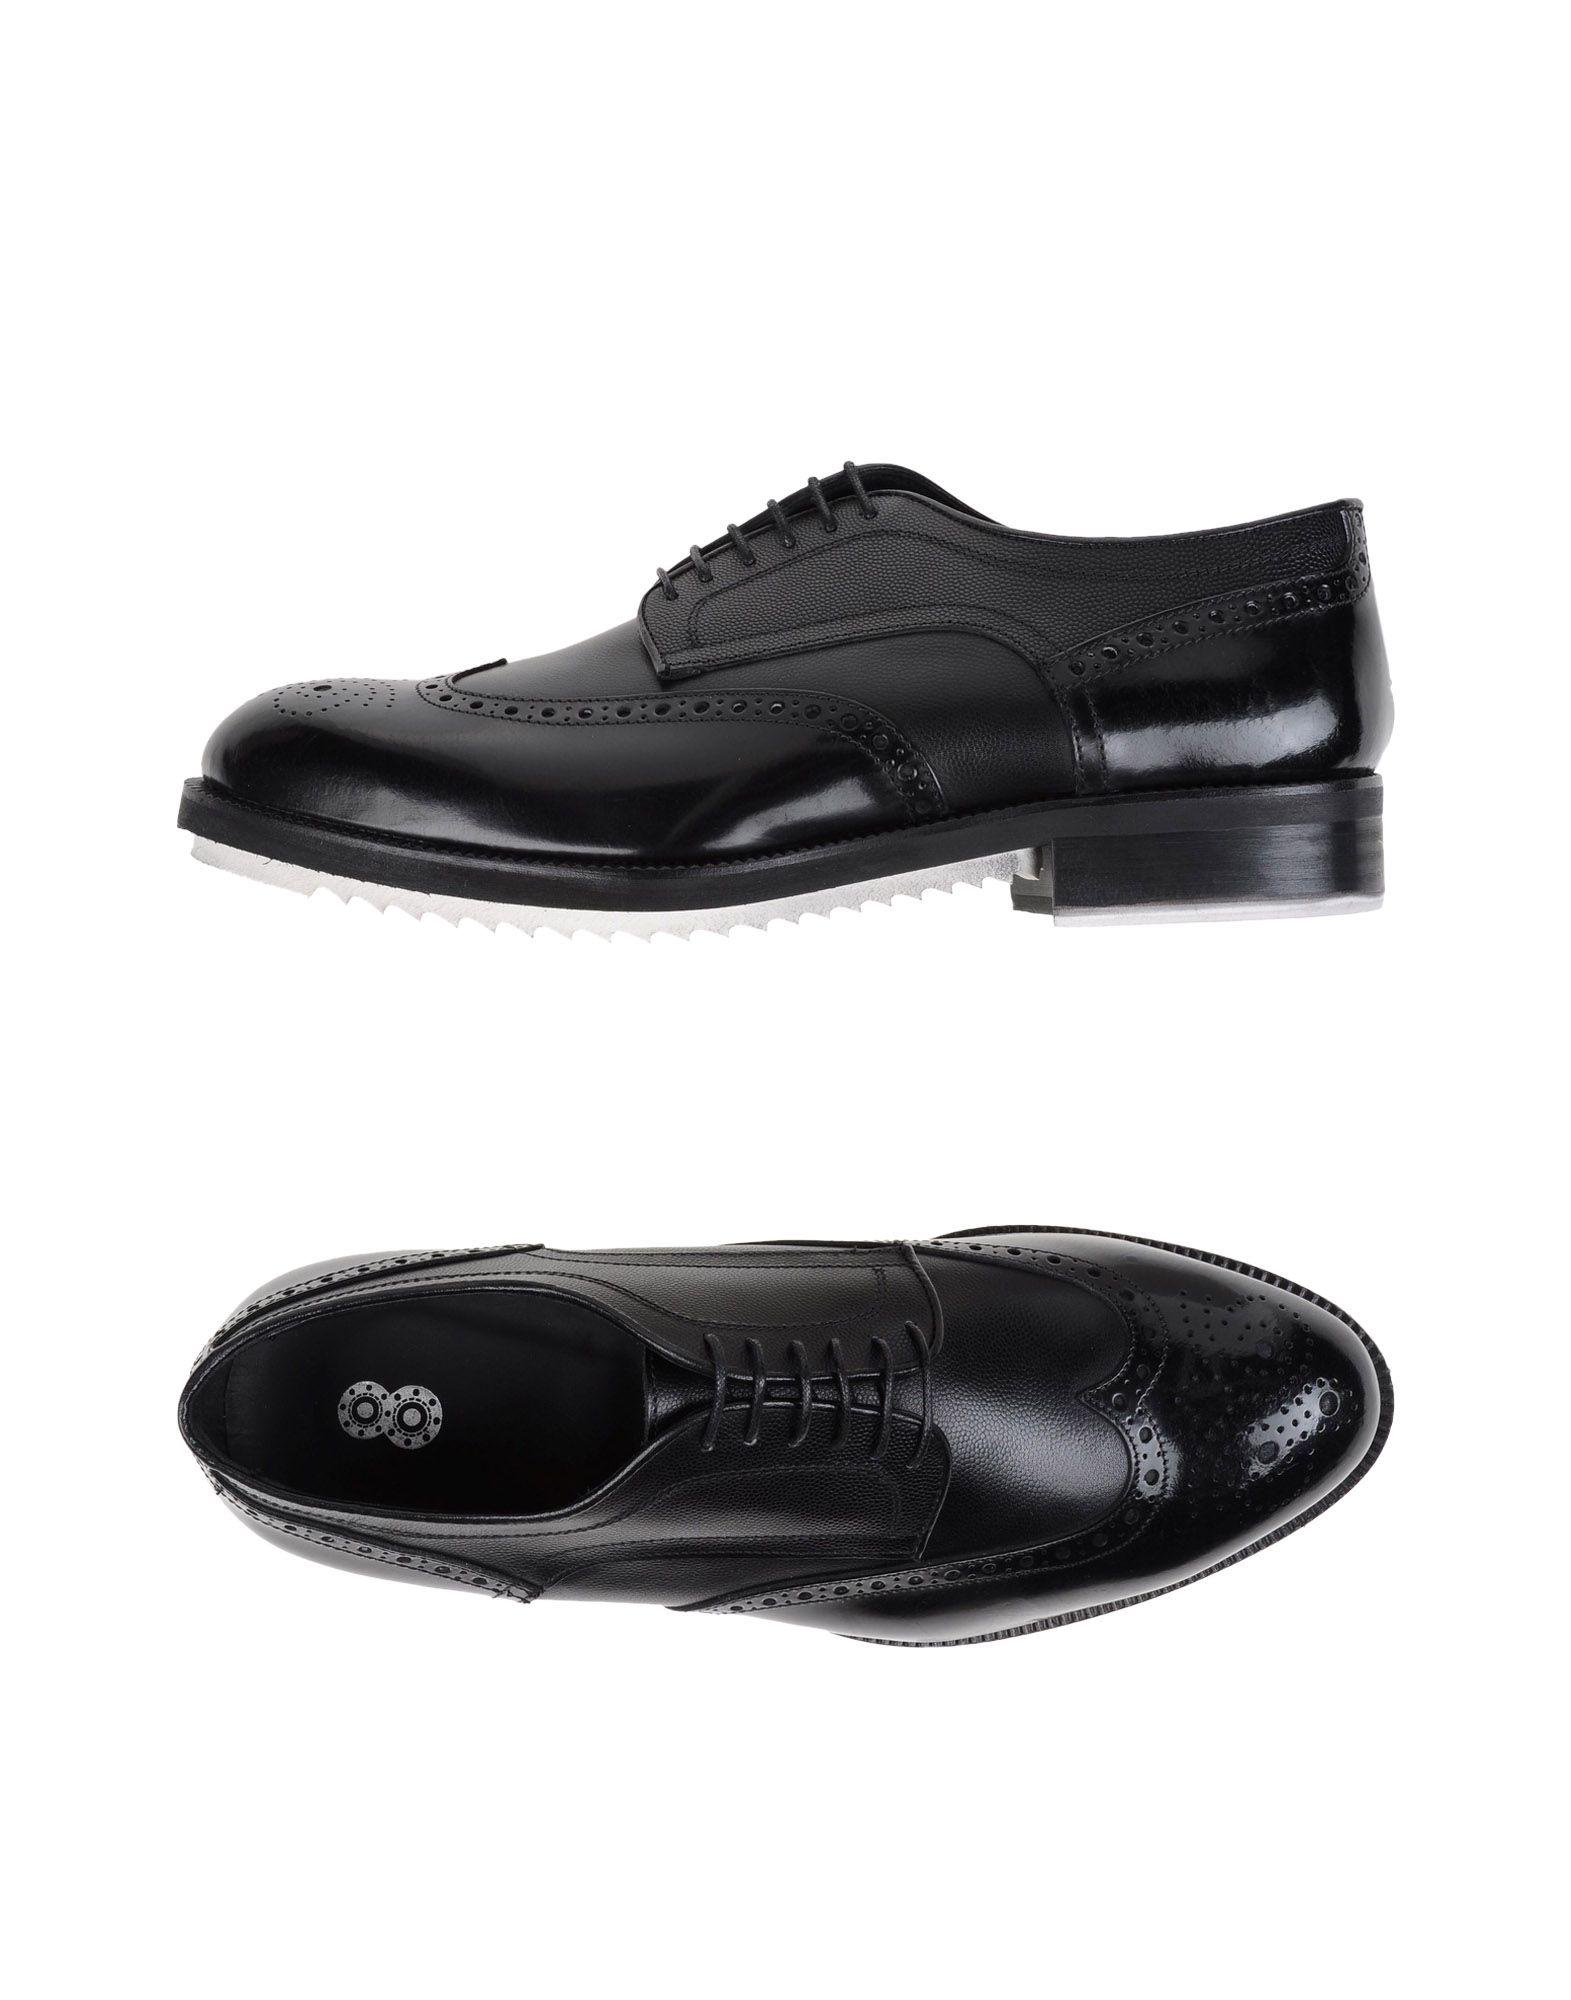 цены на 8 Обувь на шнурках в интернет-магазинах